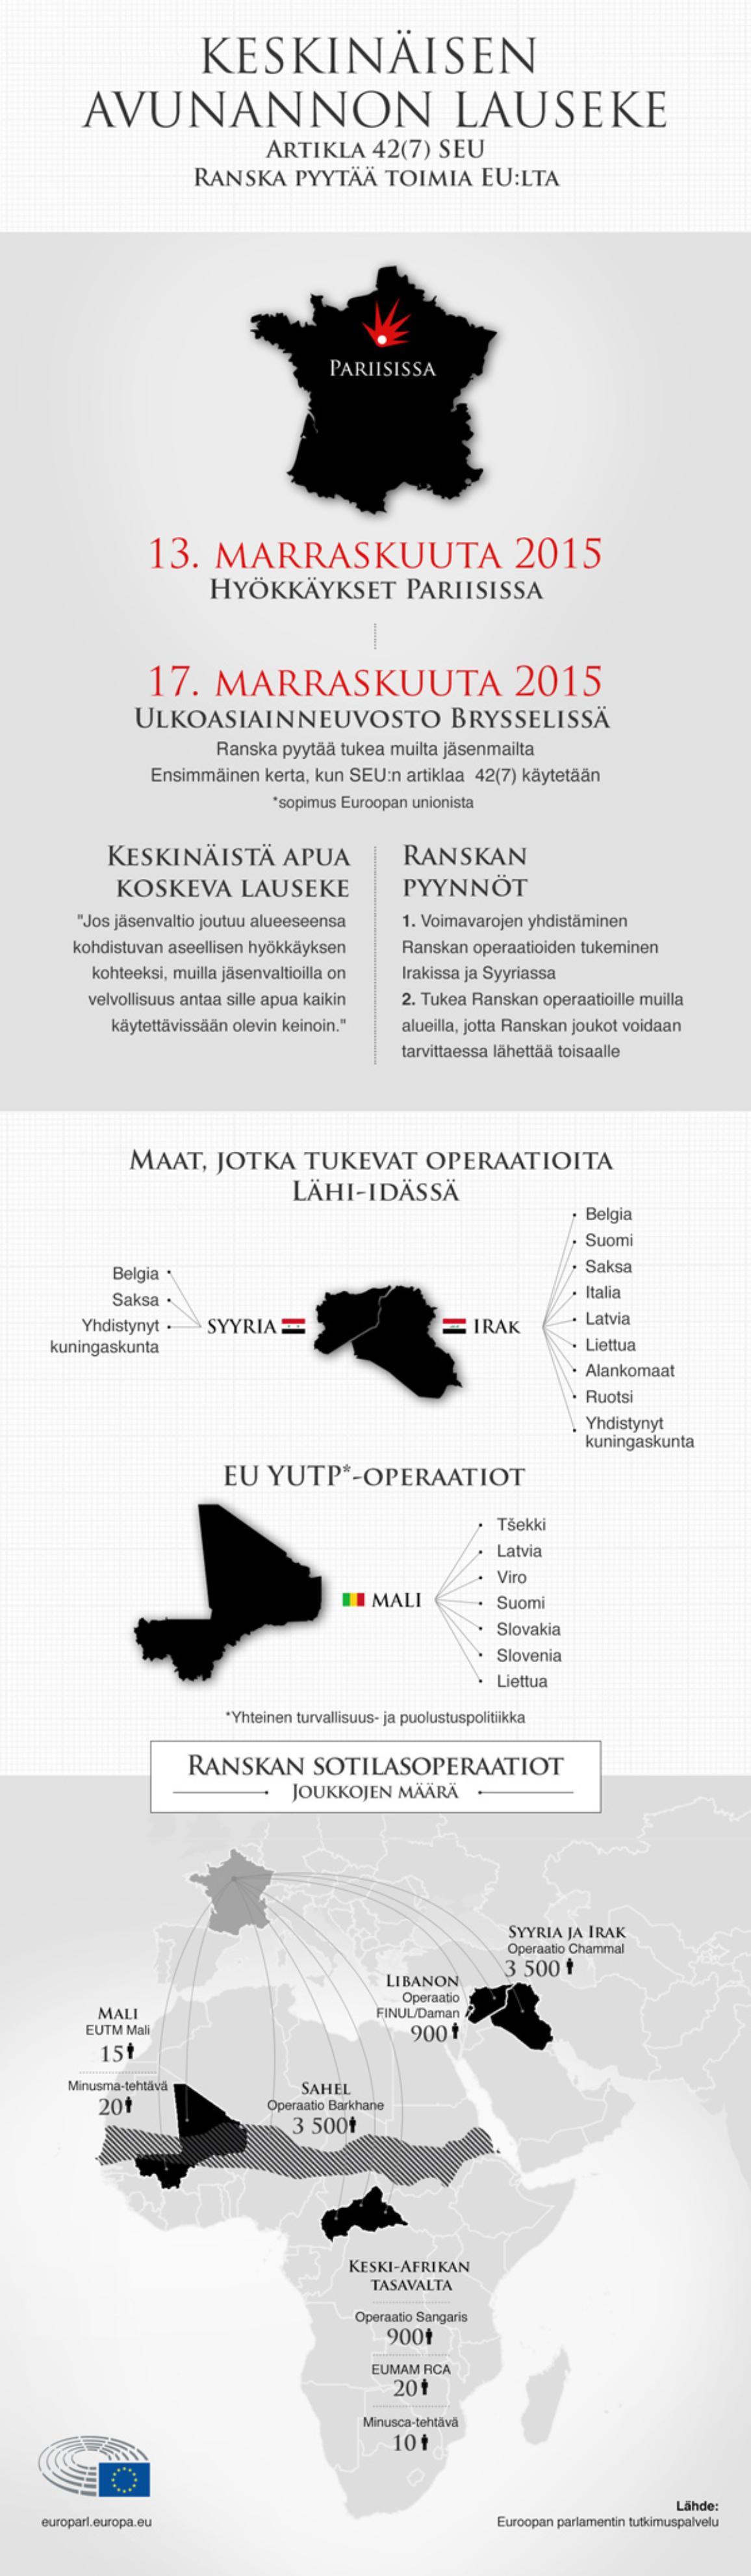 Infografiikka tilanteesta.